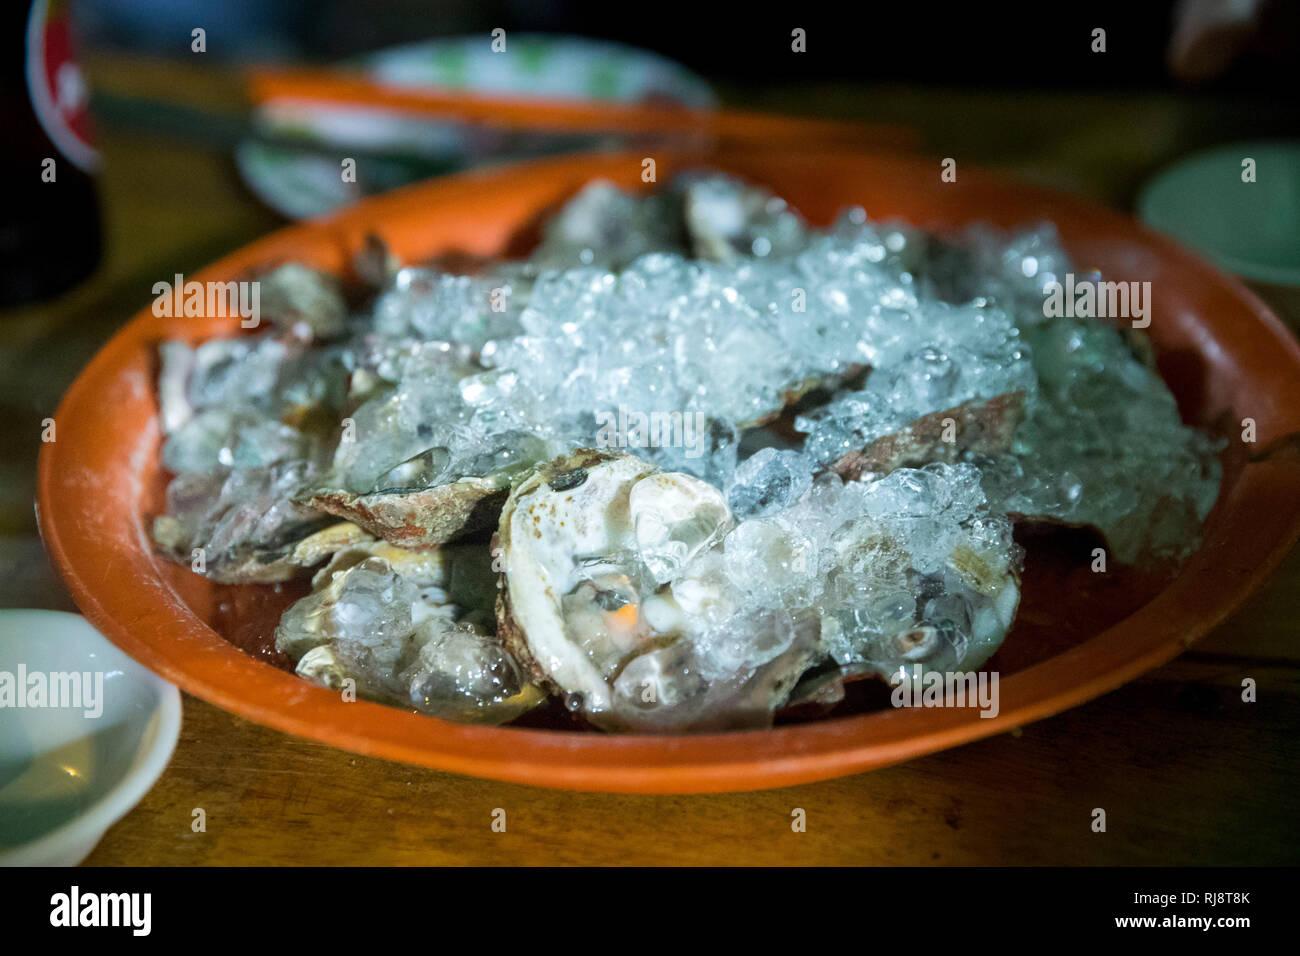 Kambodscha, Phnom Penh, Straßenrestaurant 'Oyster House', es wird auf der Straße gekocht und gegessen, sehr leckere Meeresfrüchte und Fisch, Austern a - Stock Image